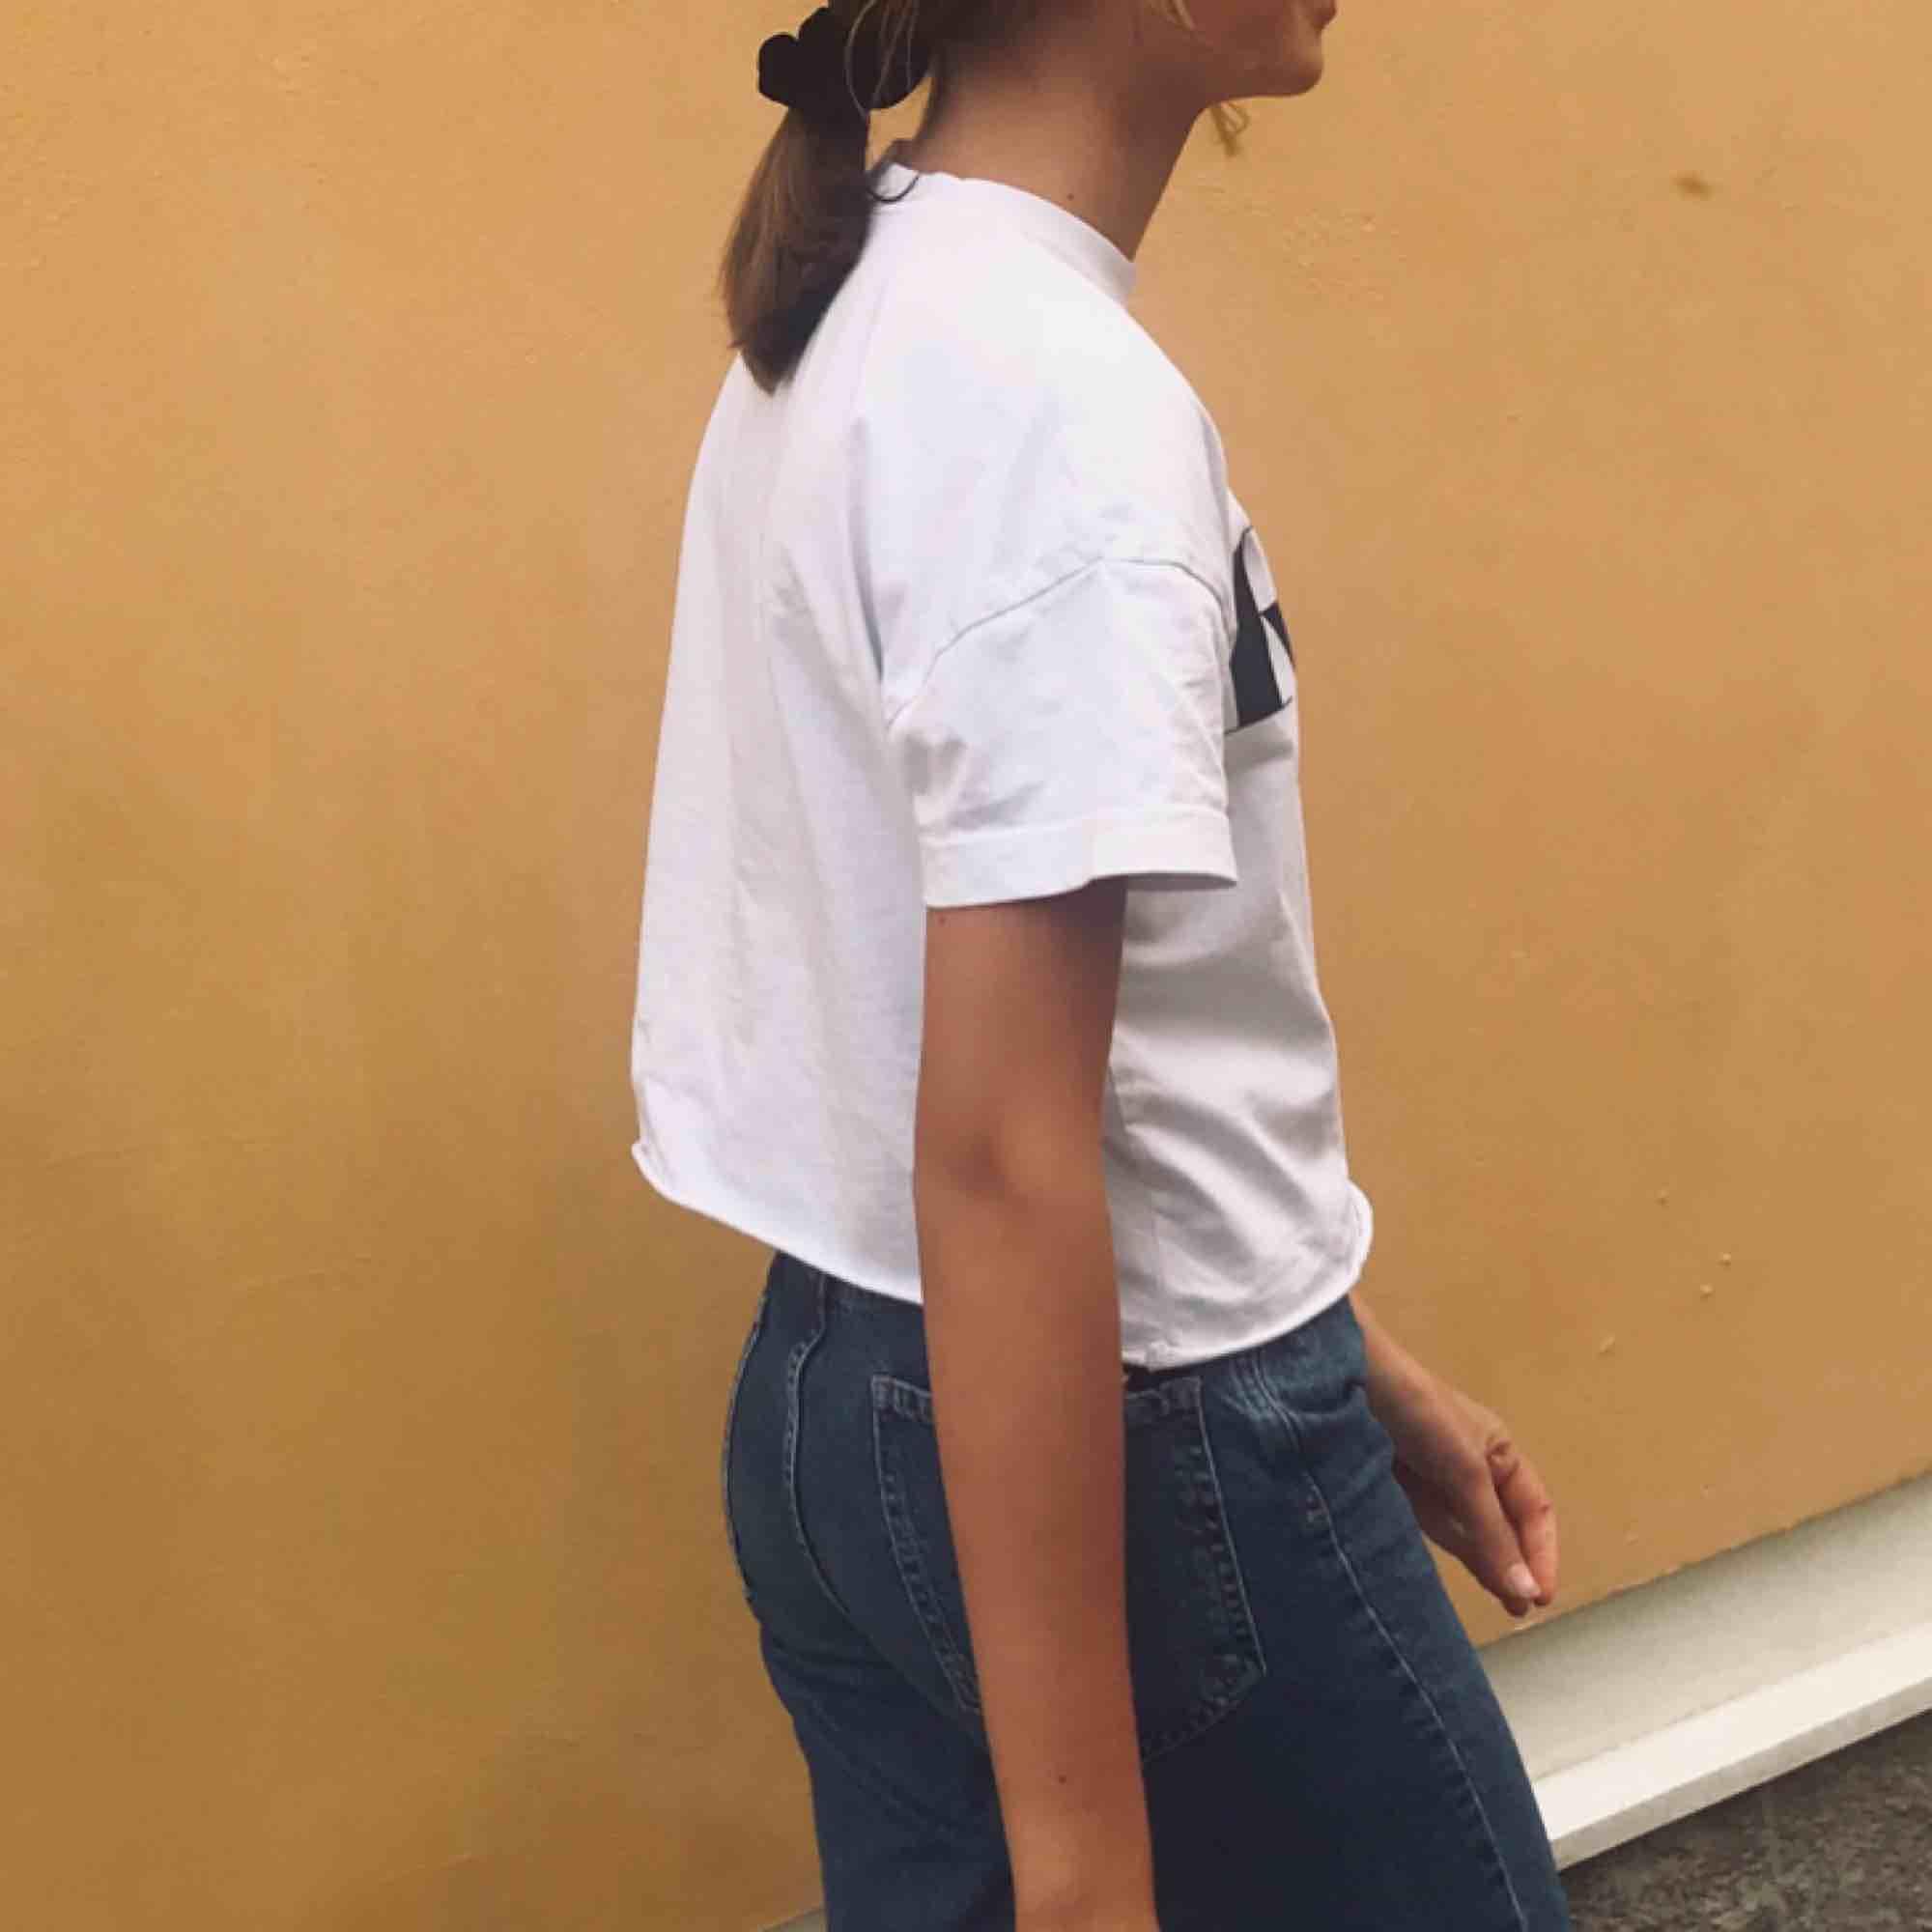 Tvärsnygg t-shirt från Carlings ⚡️ Använd men fint skick och passar till aaallt. Frakt står köparen för, tar swish 💫. T-shirts.